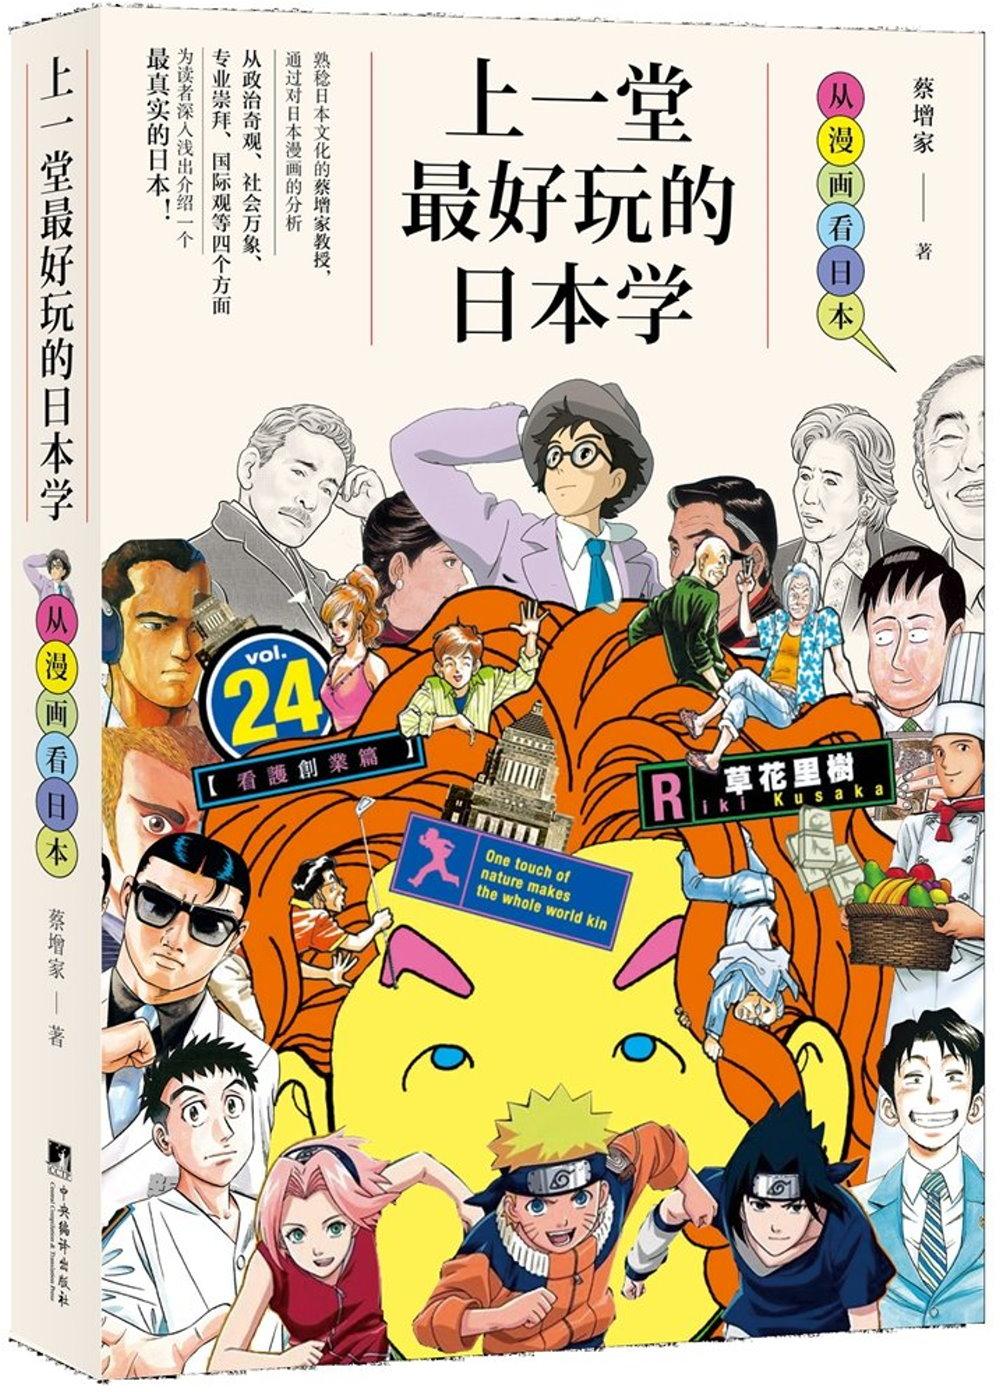 上一堂最好玩的日本學